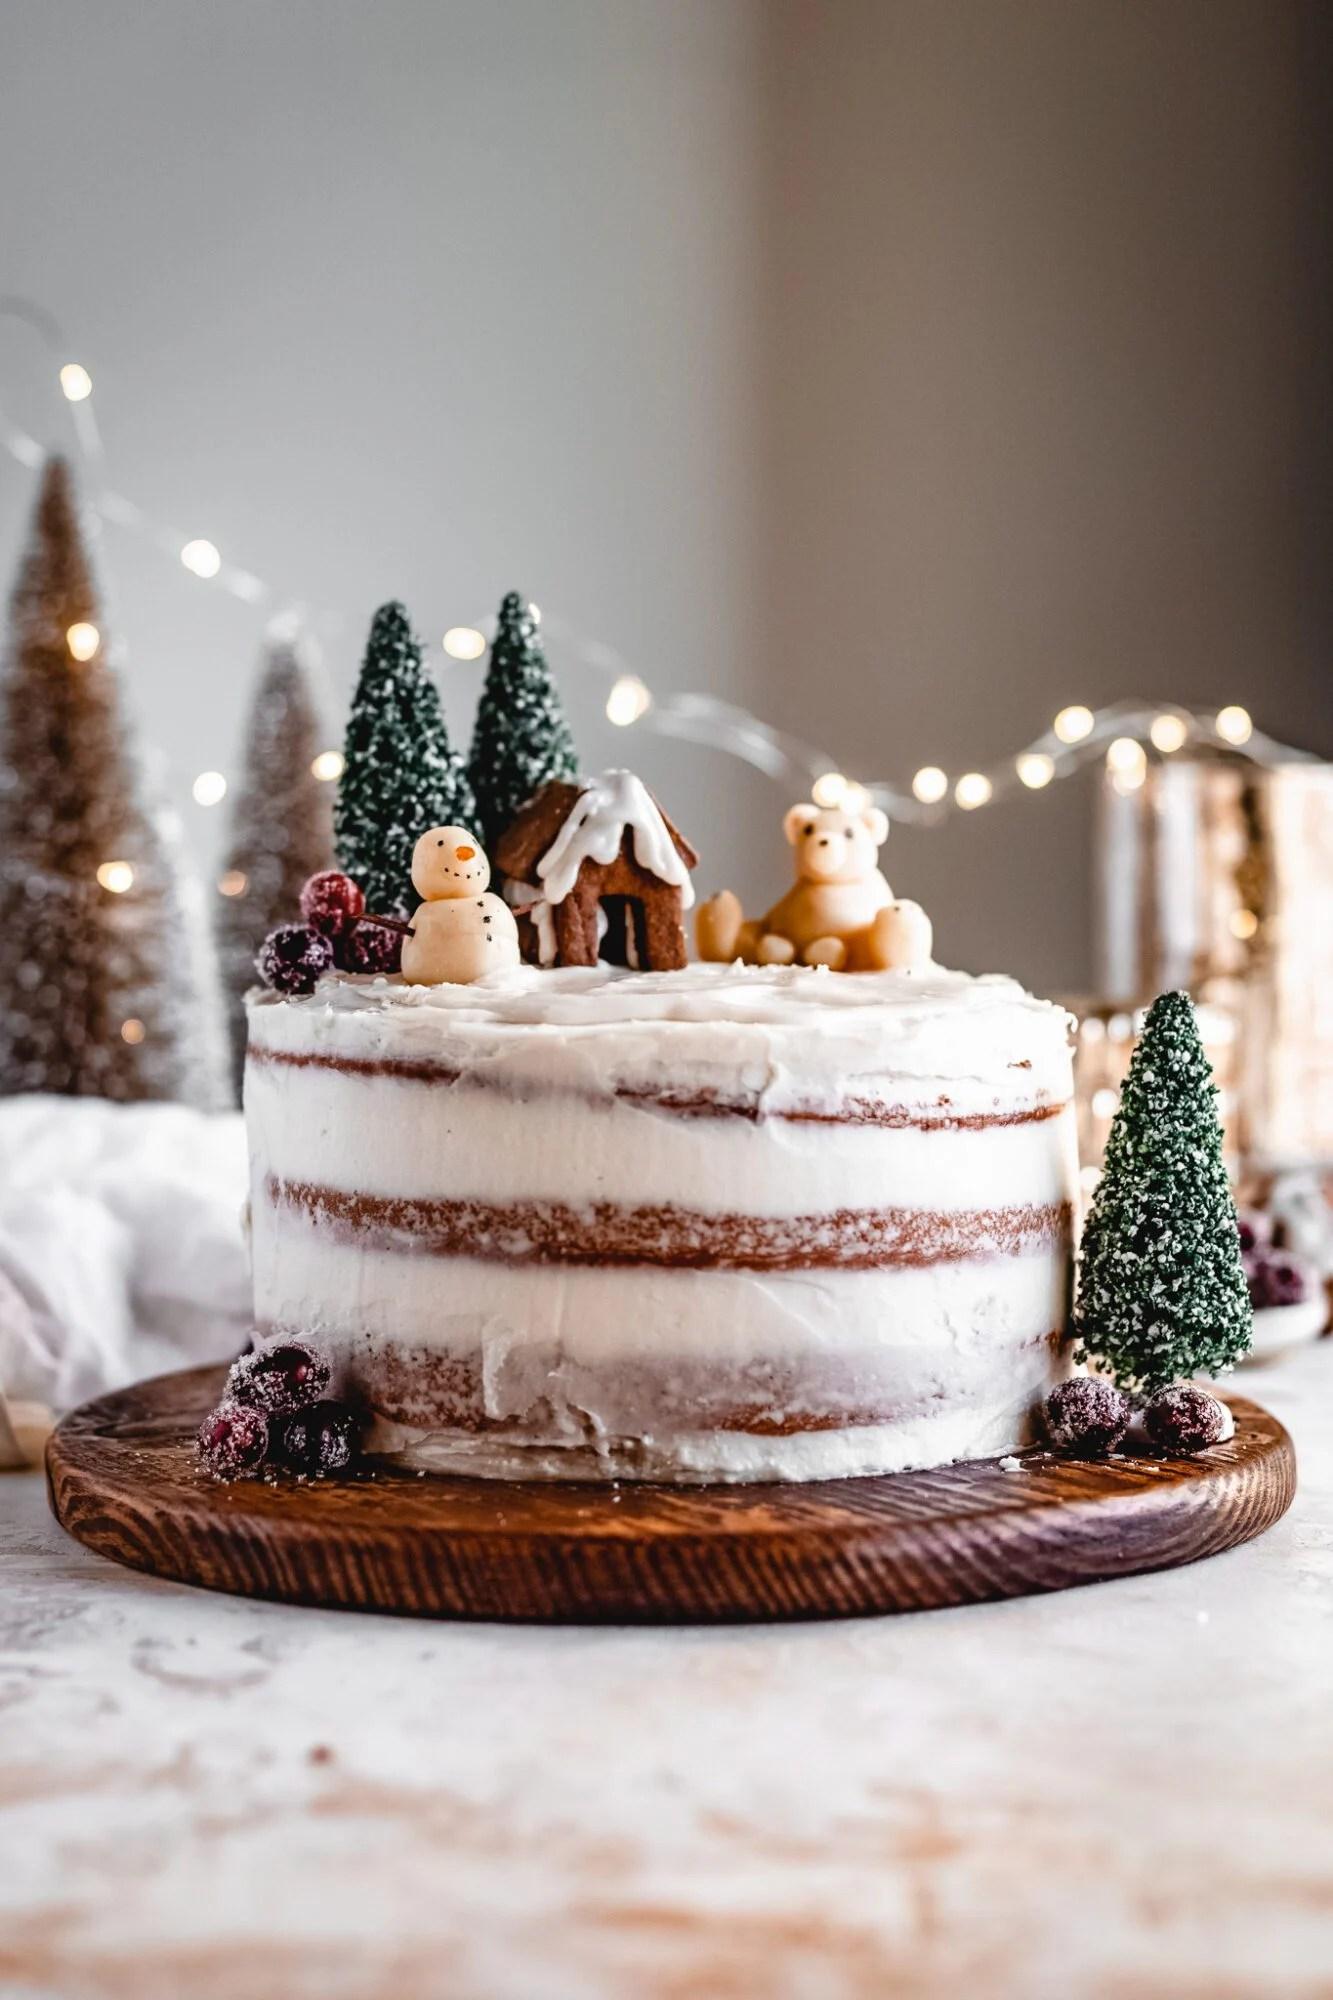 Vegan White Chocolate Cake